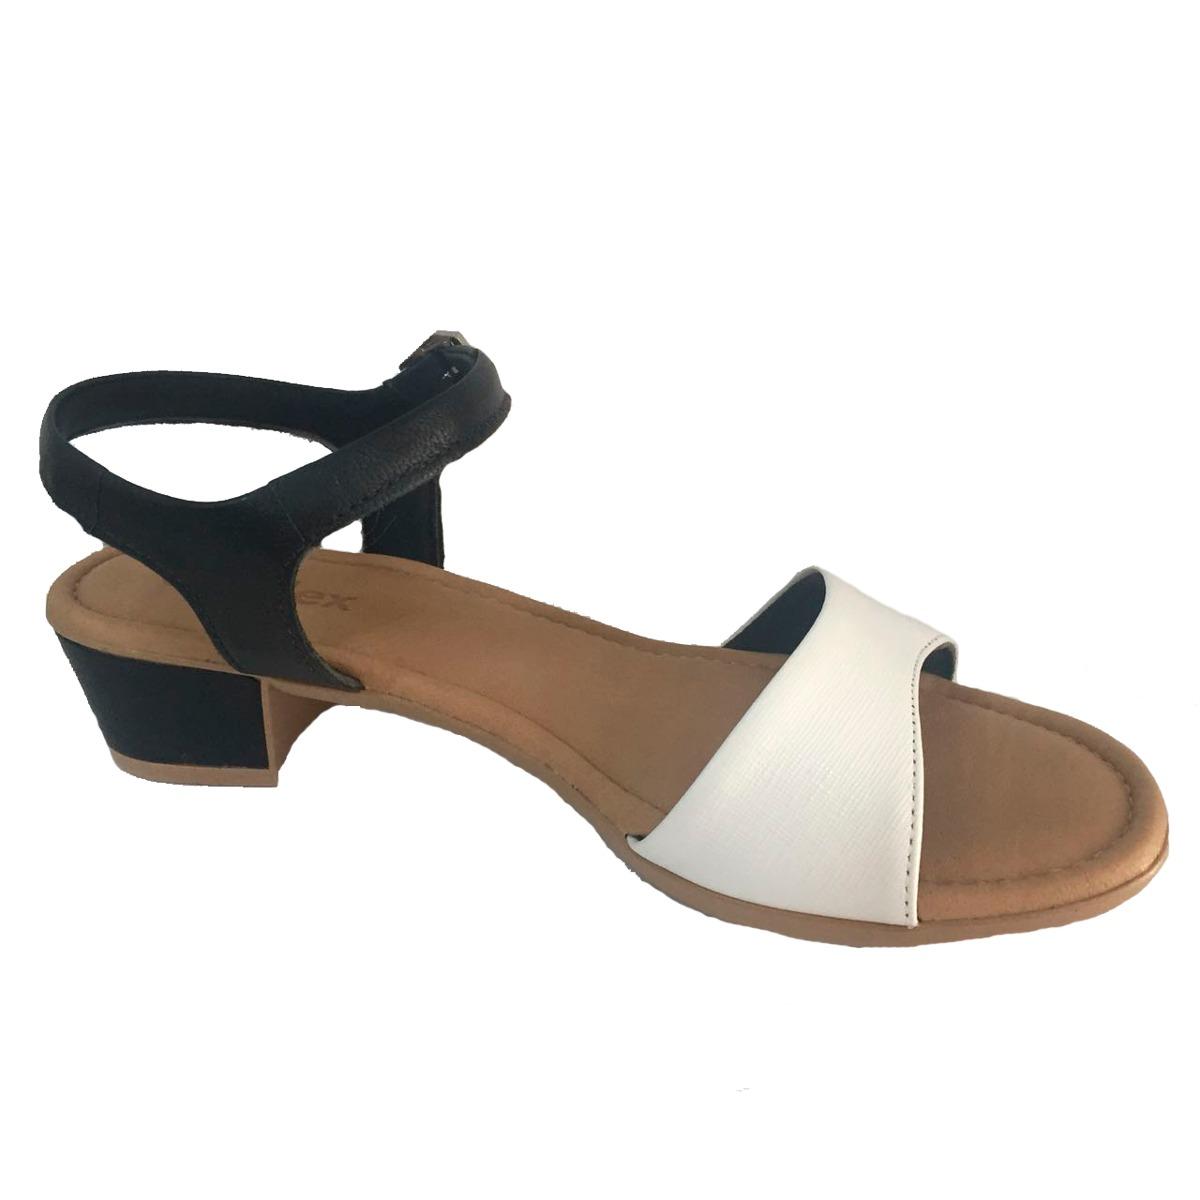 2985d564d72 Características. Marca Usaflex  Género Mujer  Tipo de calzado Sandalias